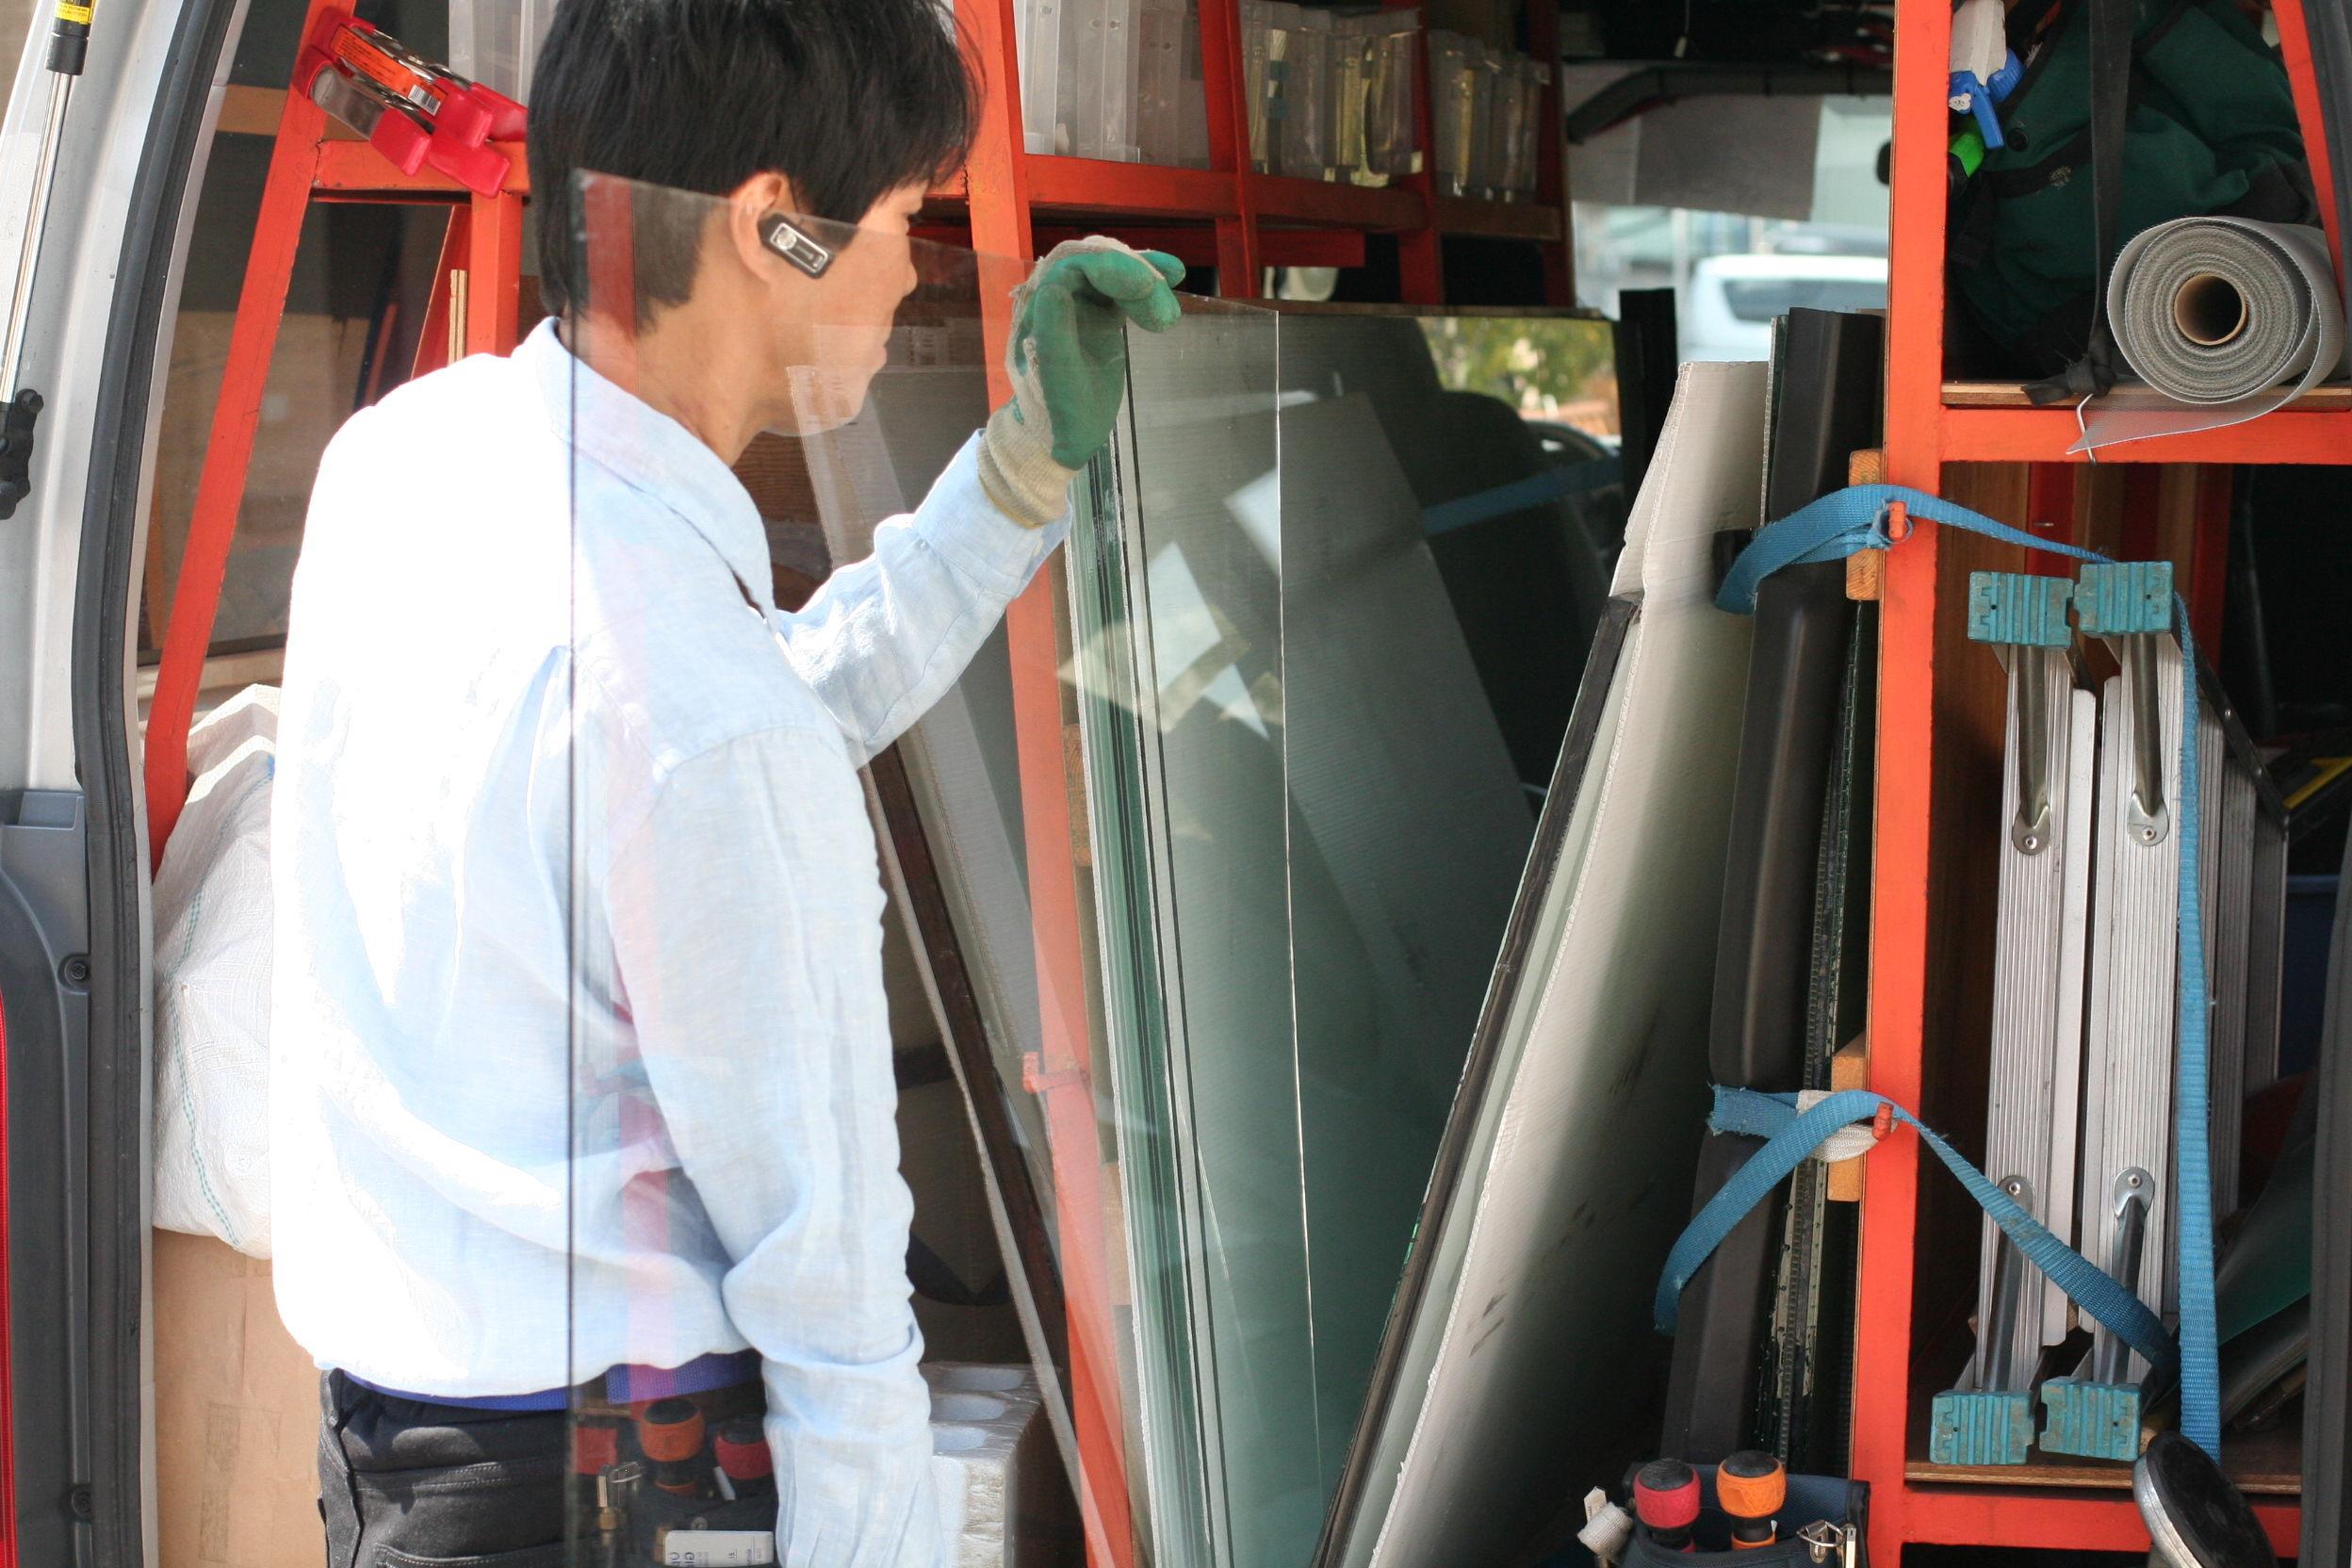 ガラスのトラブル救Q隊.24【さいたま市中央区 出張エリア】のメイン画像